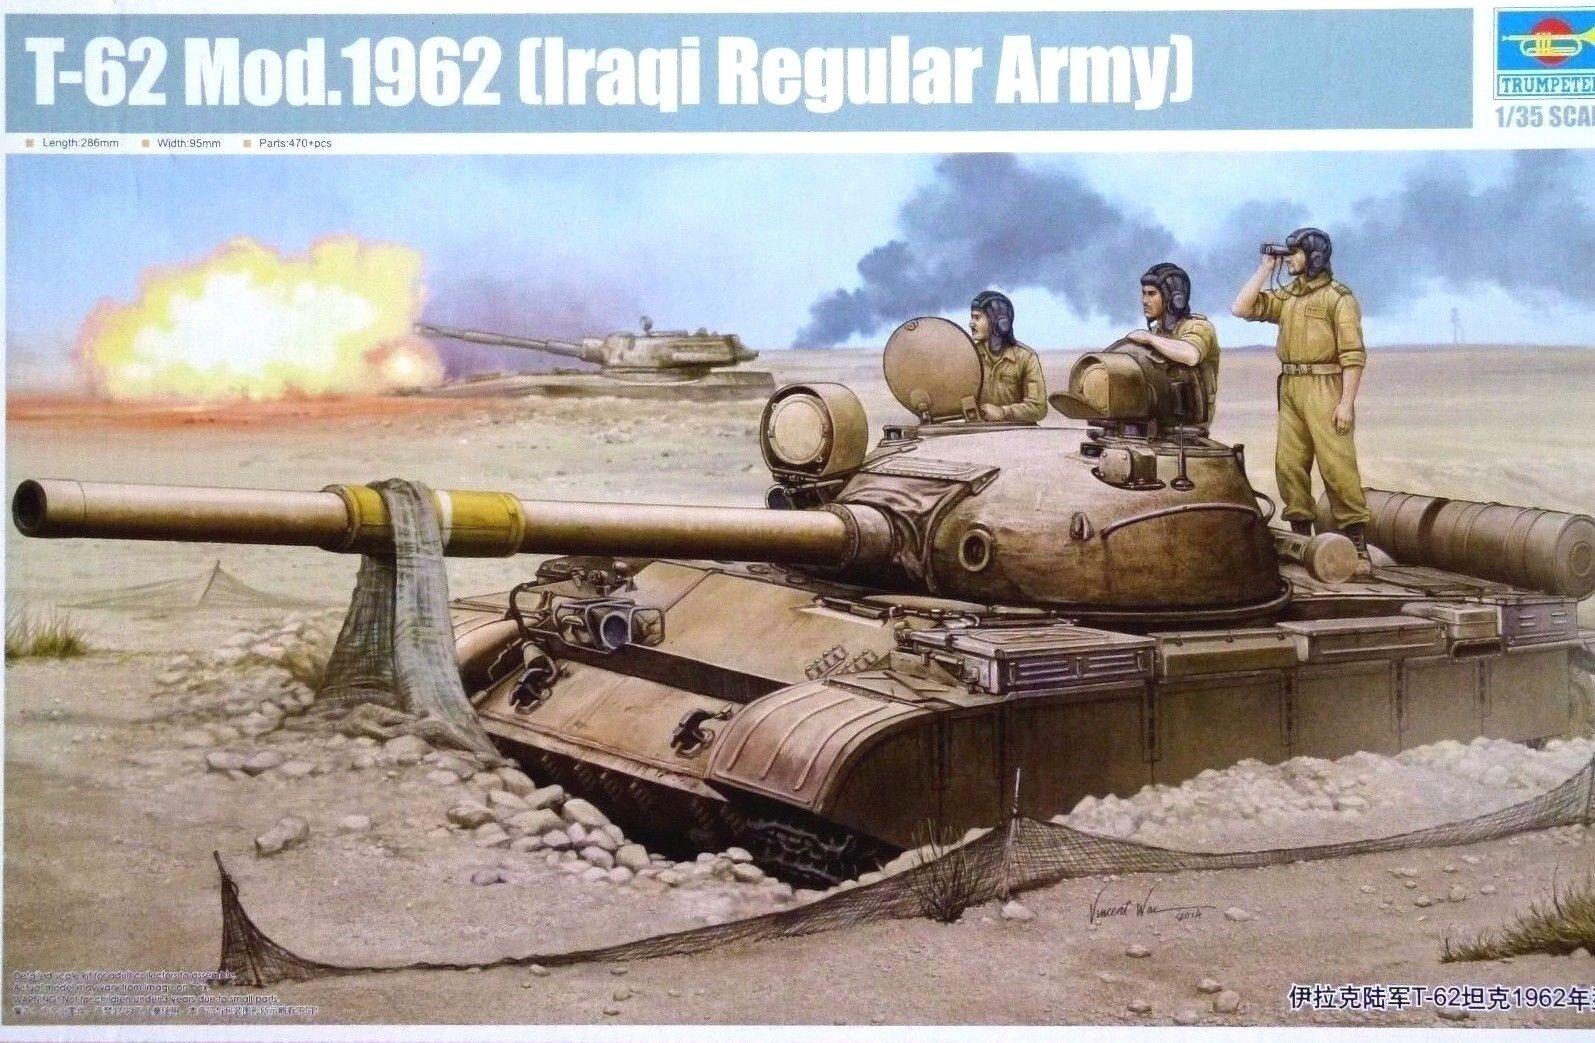 Trumpeter 1 35 T-62 Mod.1962 (Iraqi Regular Army) Tank Model Kit